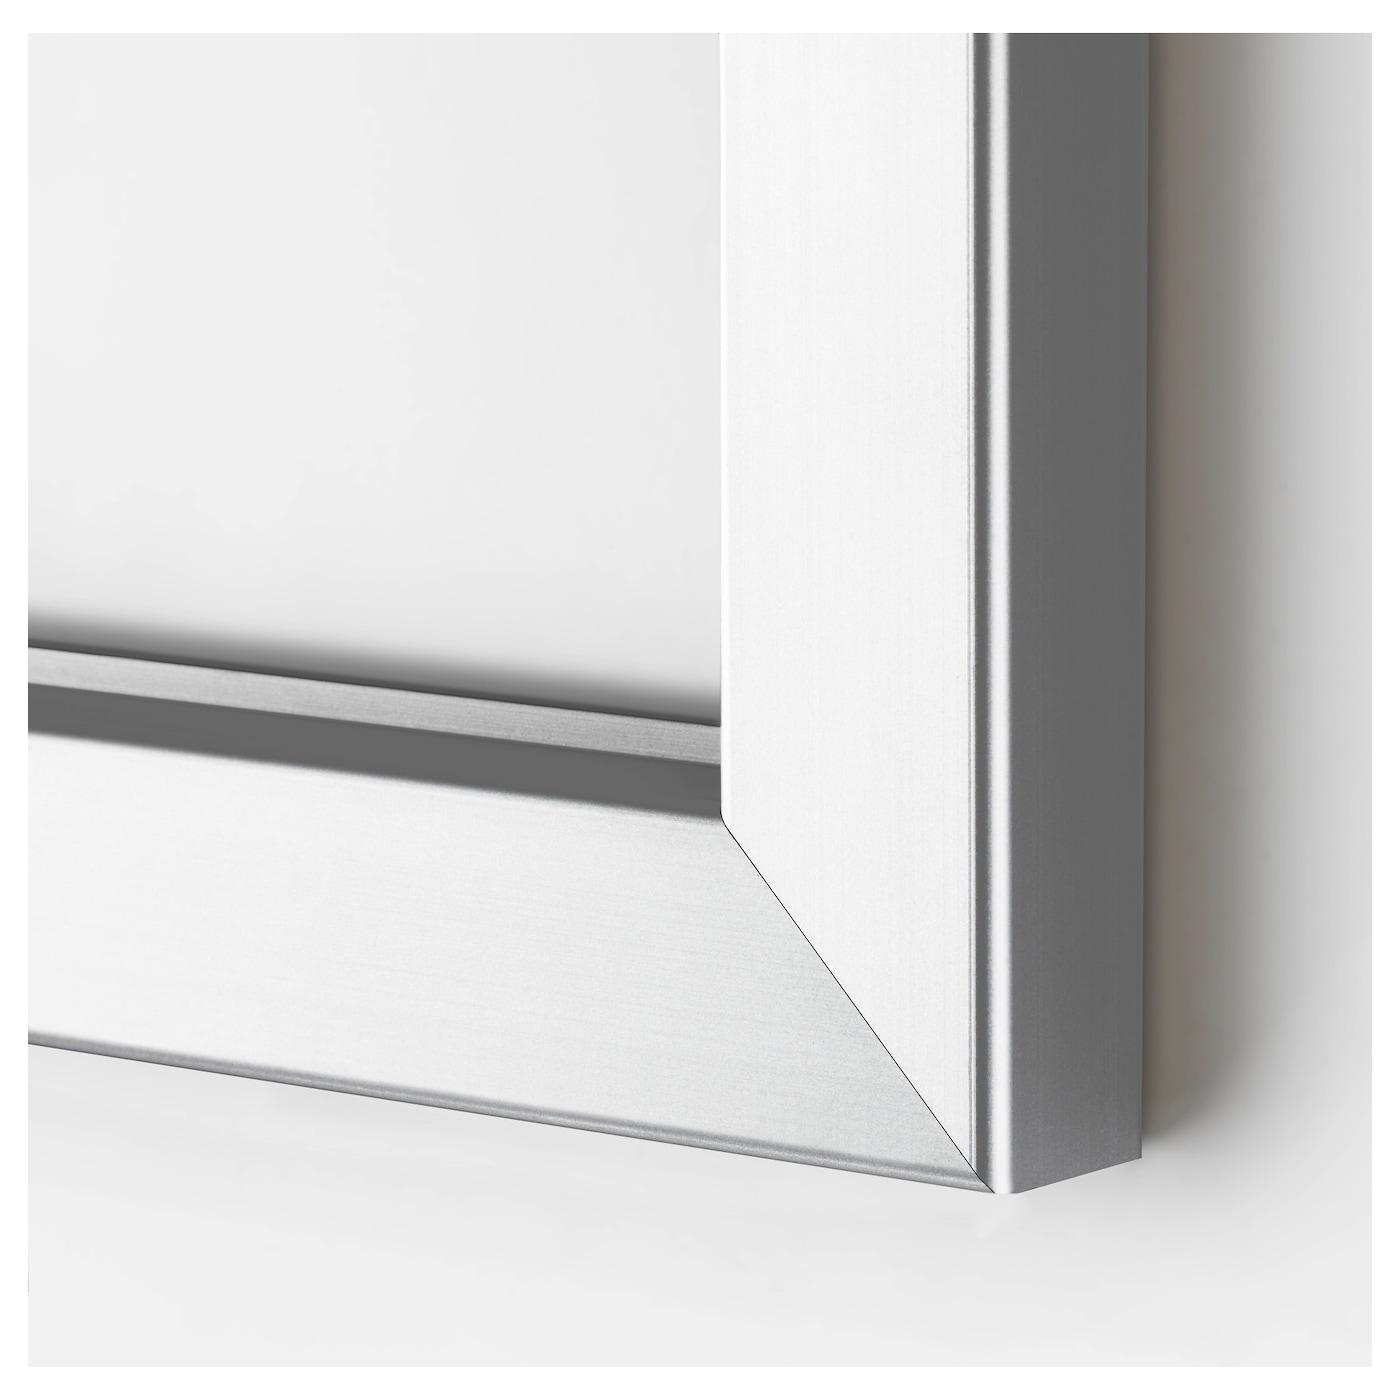 BJÖRKSTA Képkeret, alumínium színű, 200x140 cm